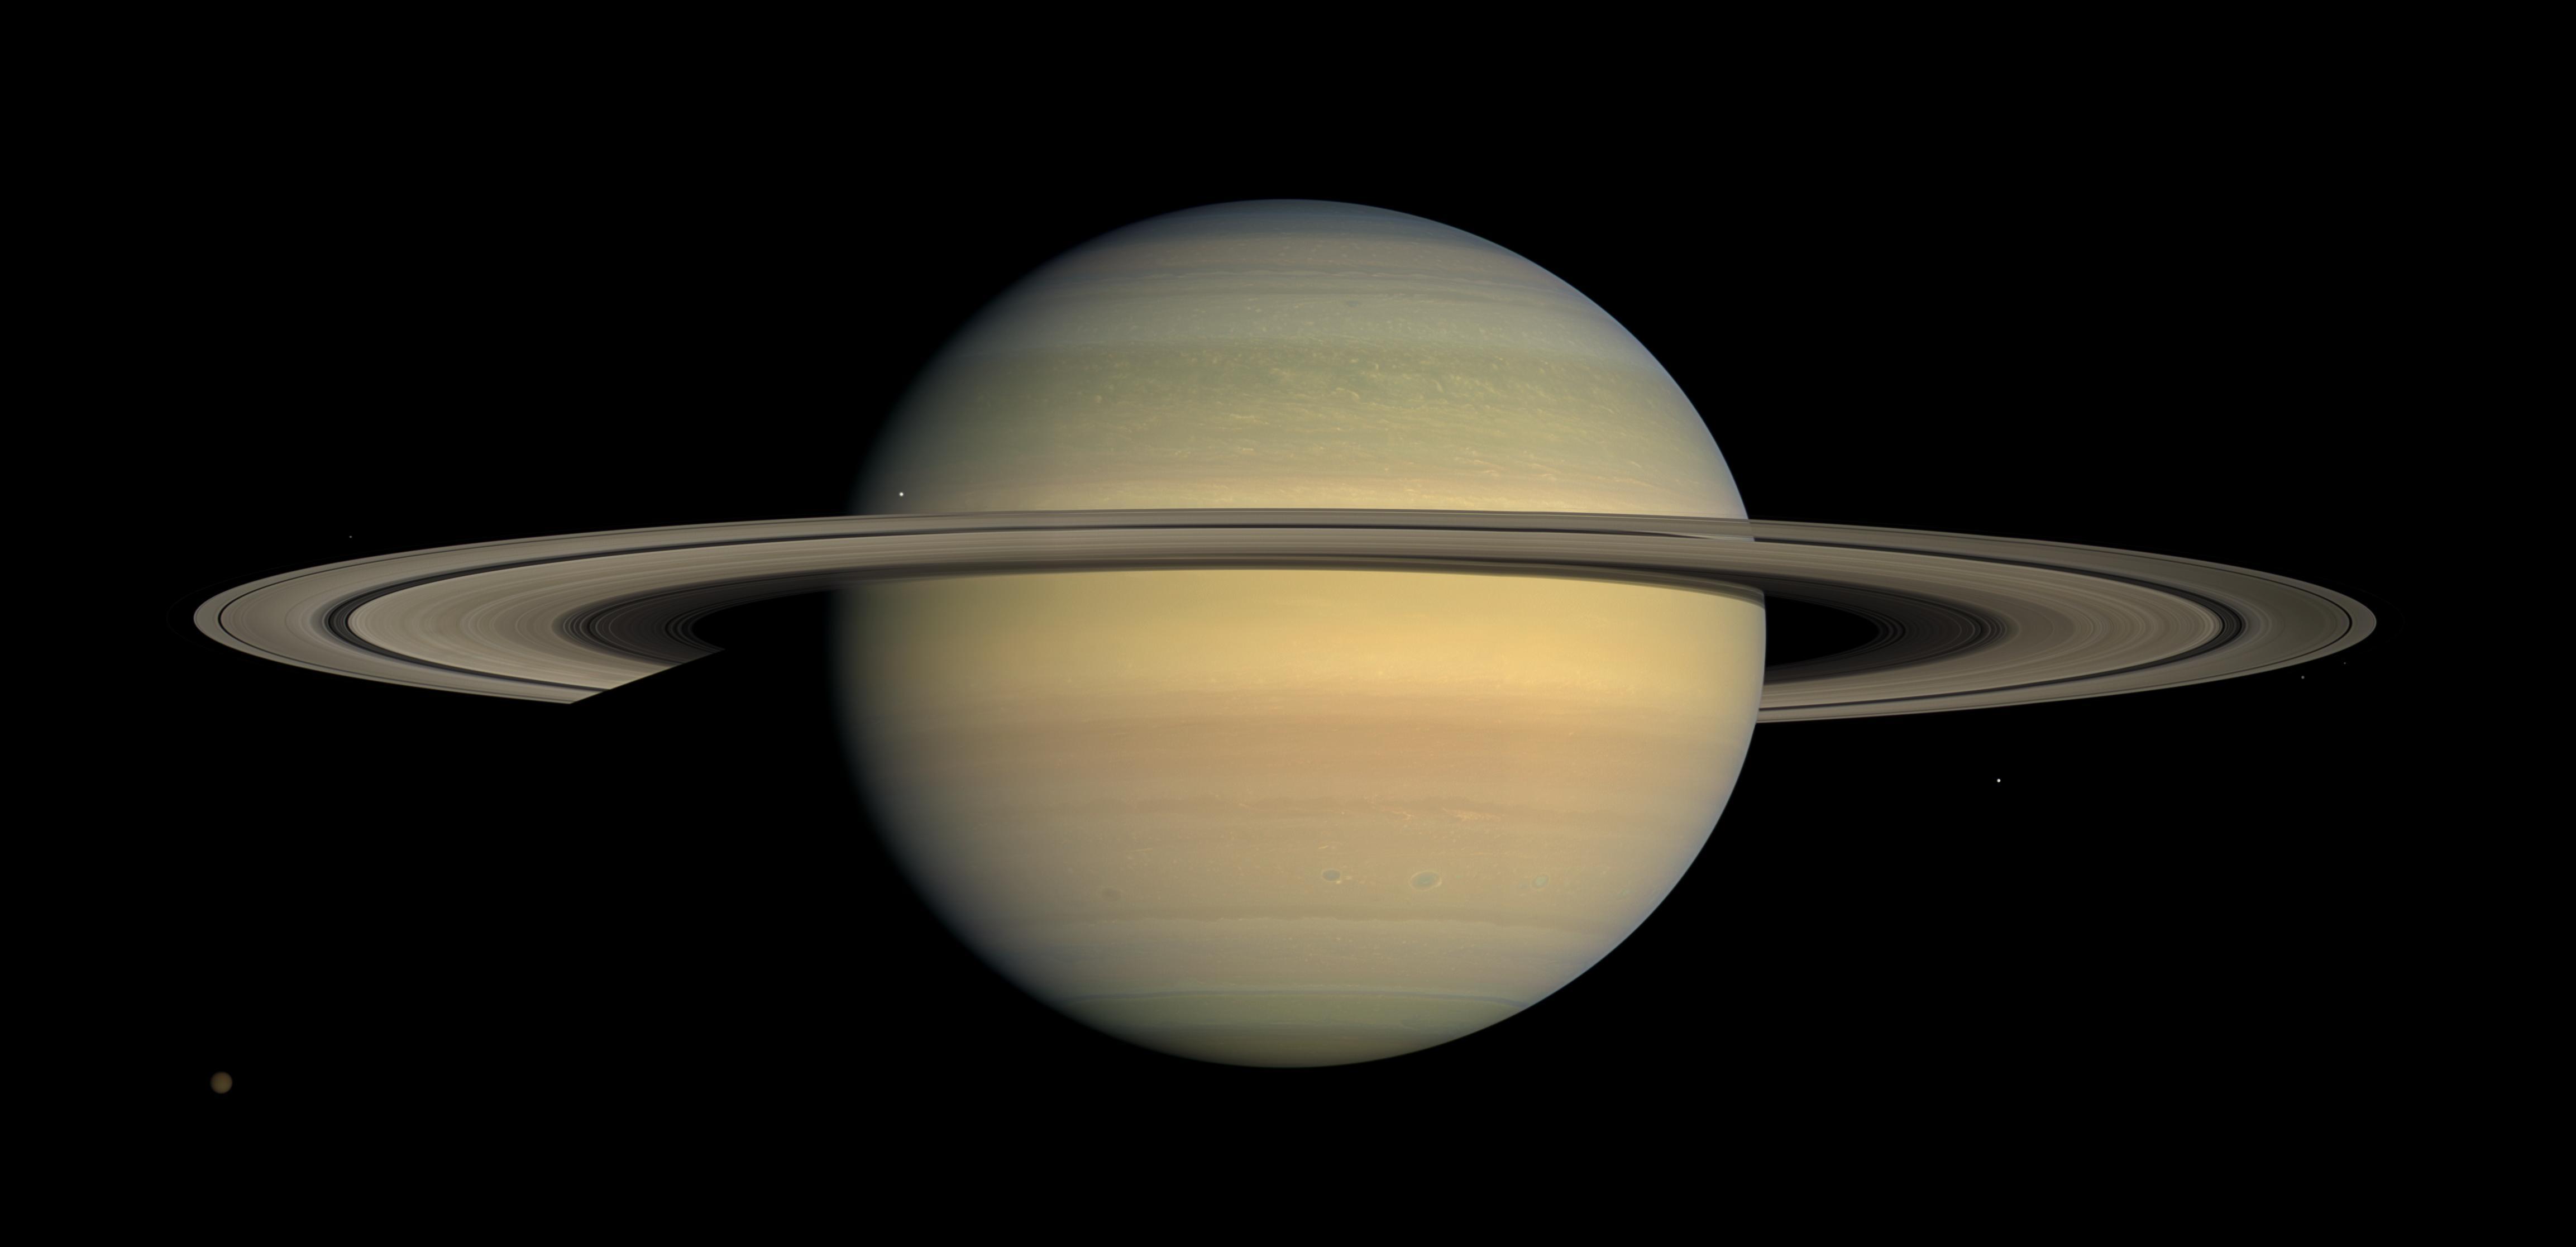 Saturne vu par Cassini